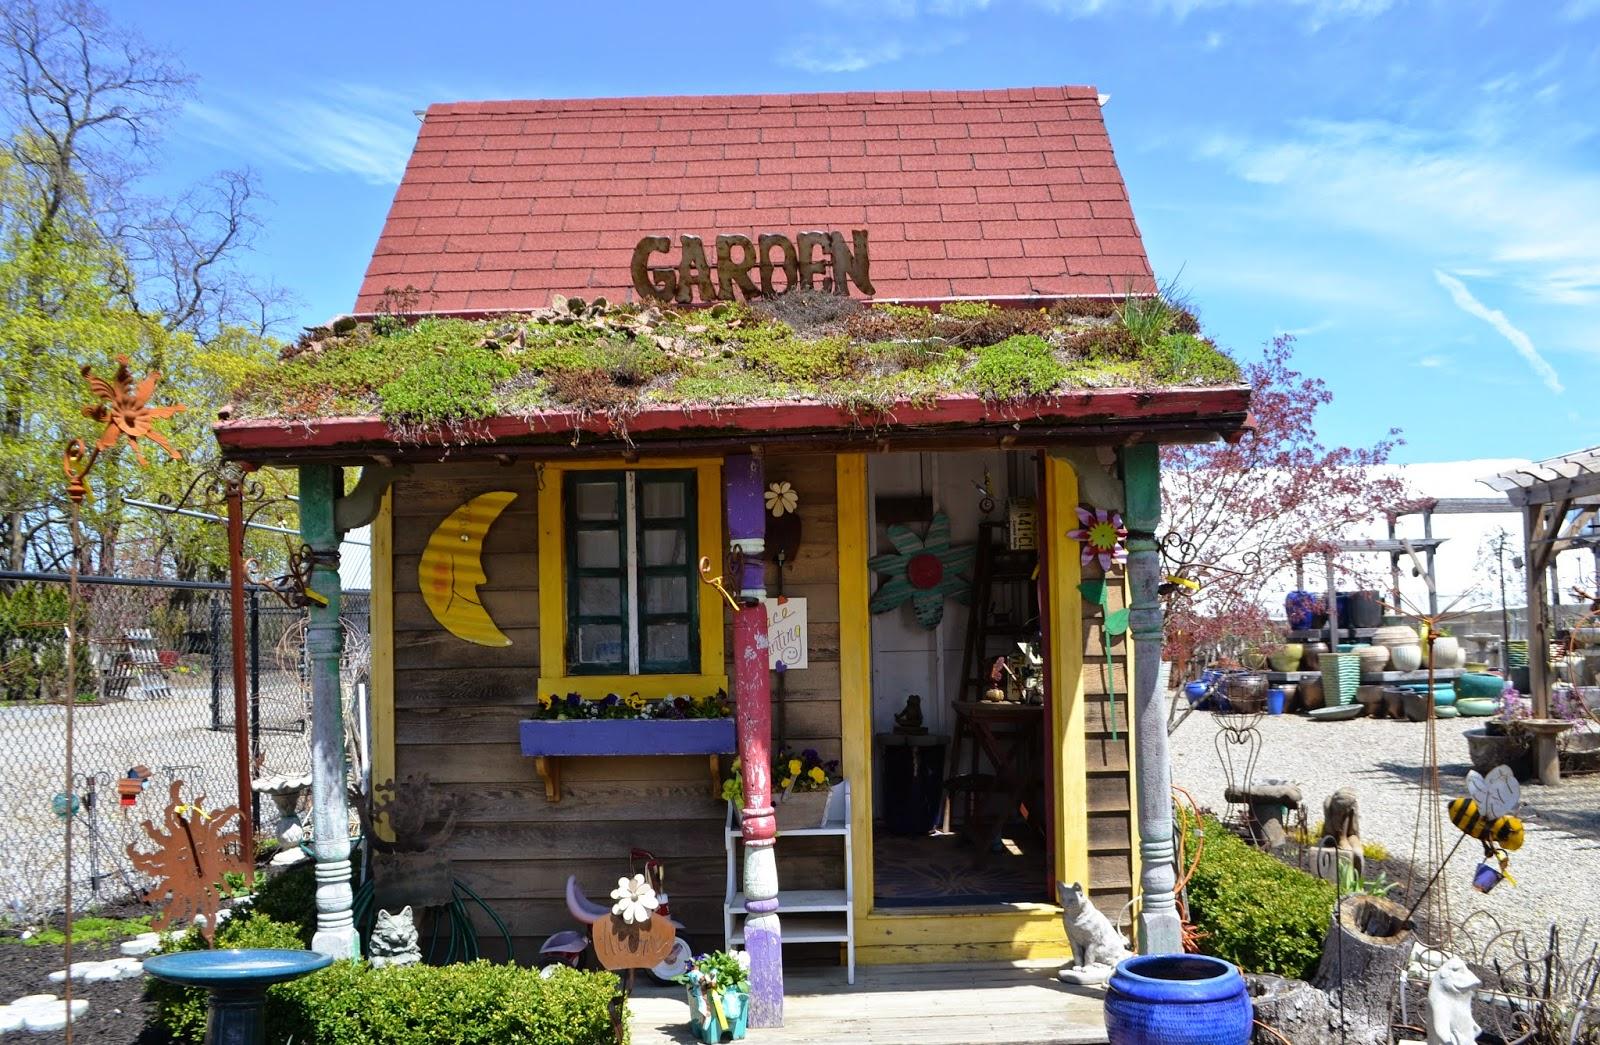 Genial The Garden Shed